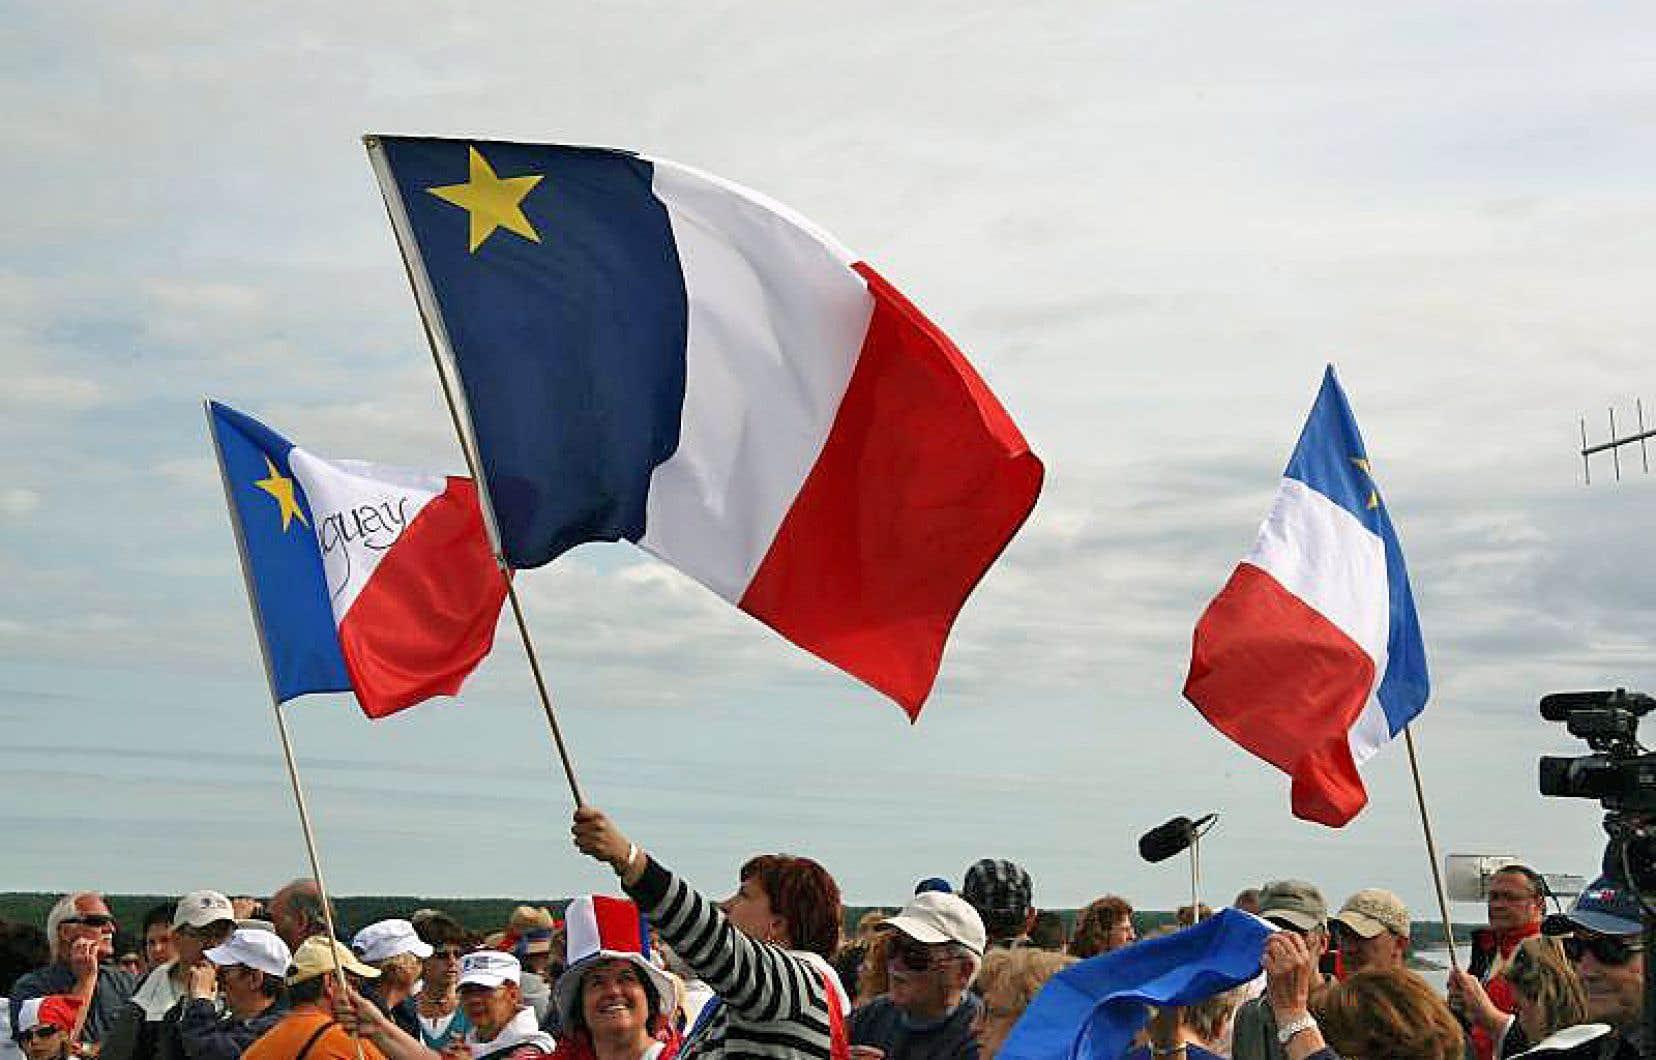 On présentera notamment un aperçu des festivités se déroulant au pays de la Sagouine dans cette émission consacrée à la fête nationale des Acadiens.